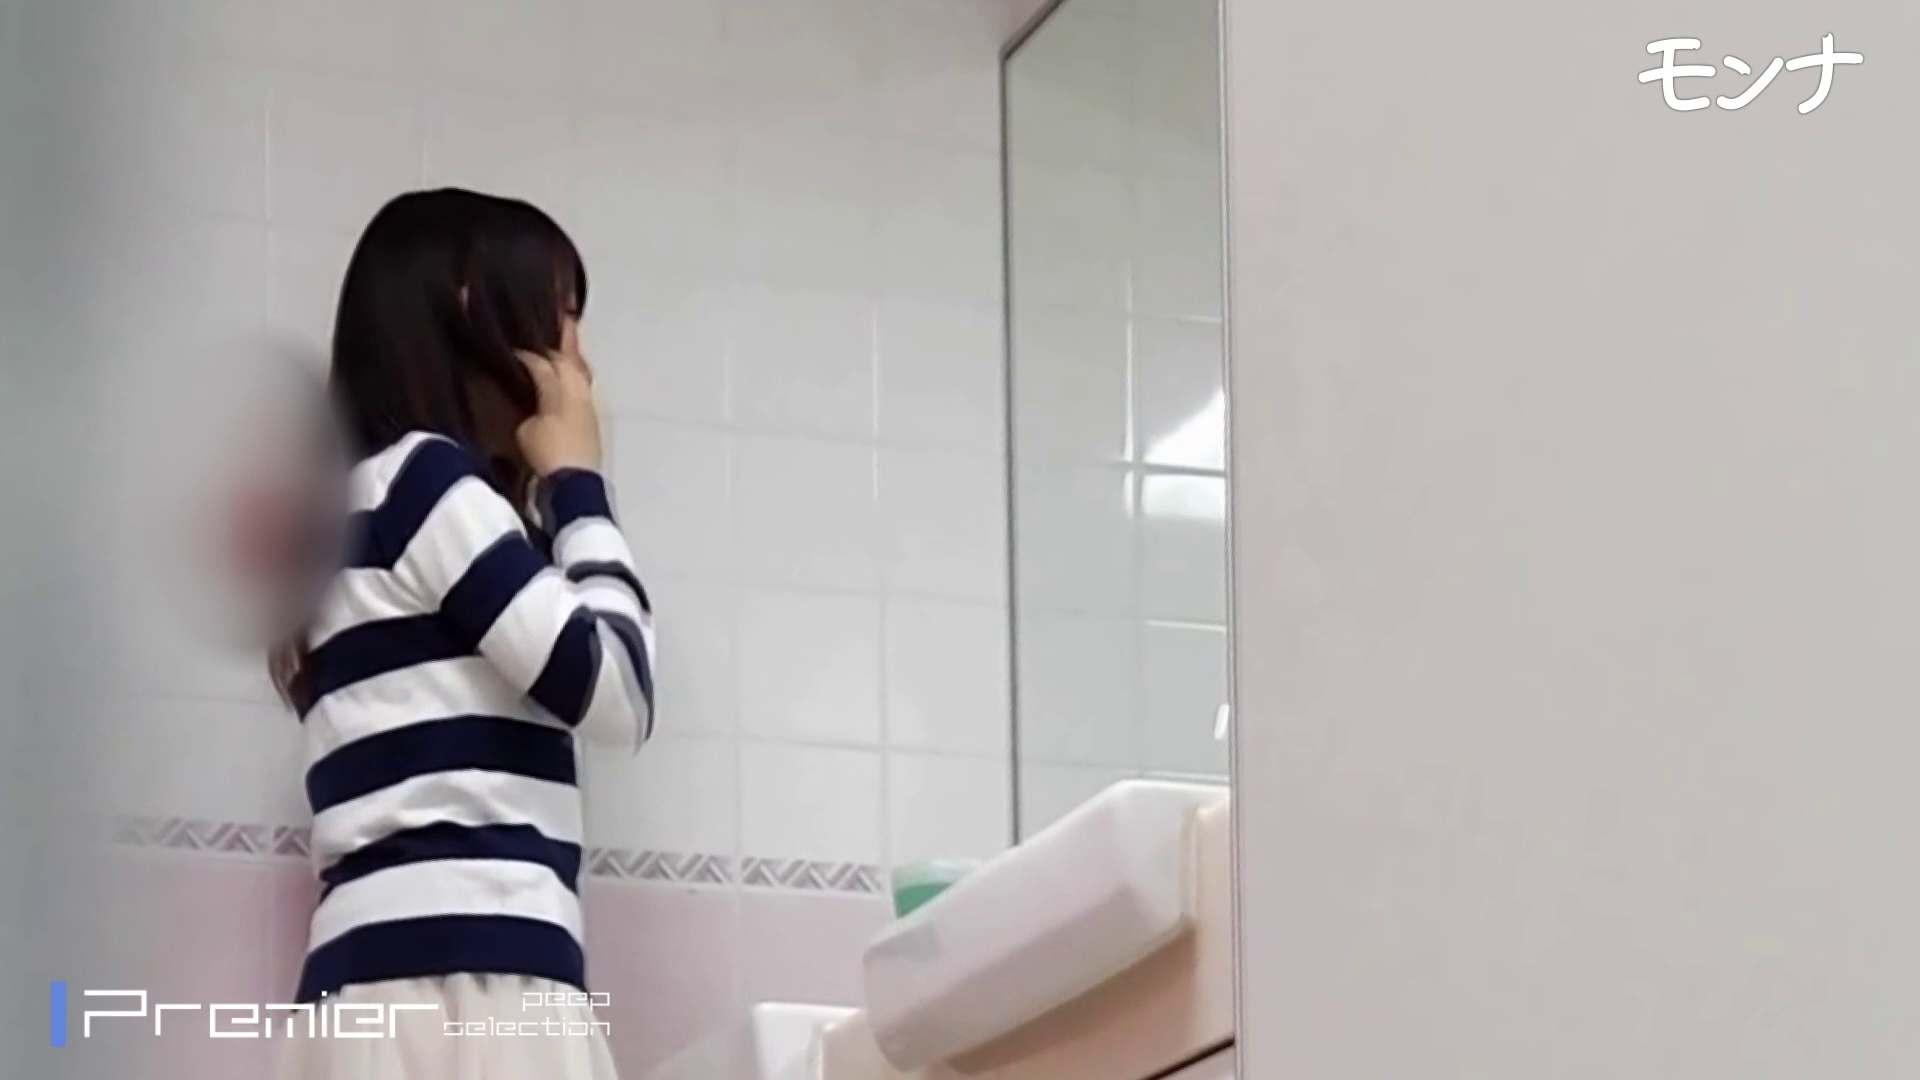 ヤリマンのオマンコ:美しい日本の未来 No.12 オールフロント2ボリュームアップ:怪盗ジョーカー